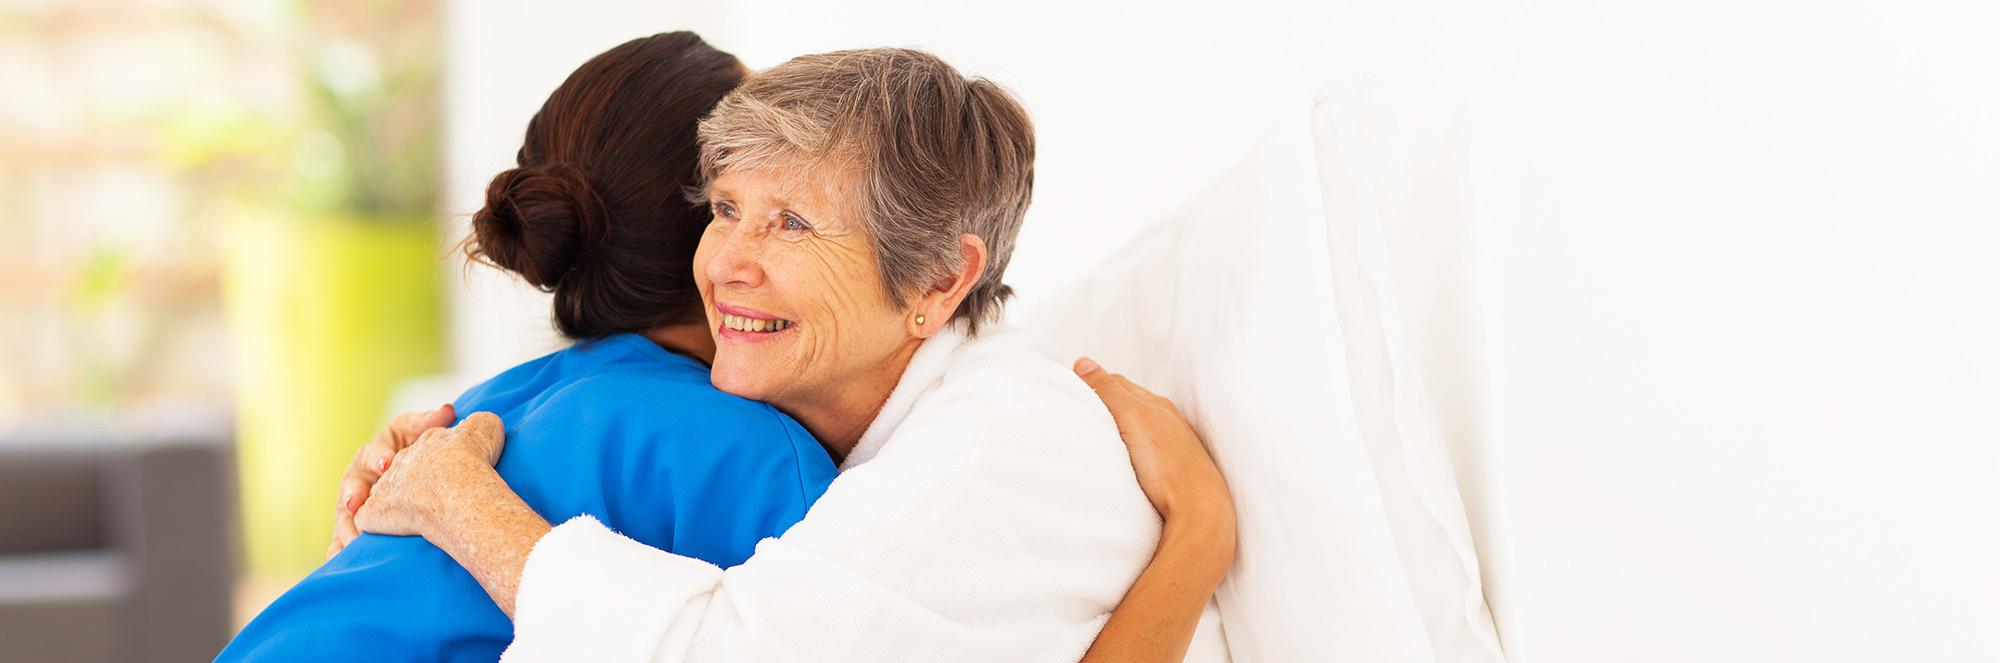 Real McCoy Caregiver Jobs foe professionals